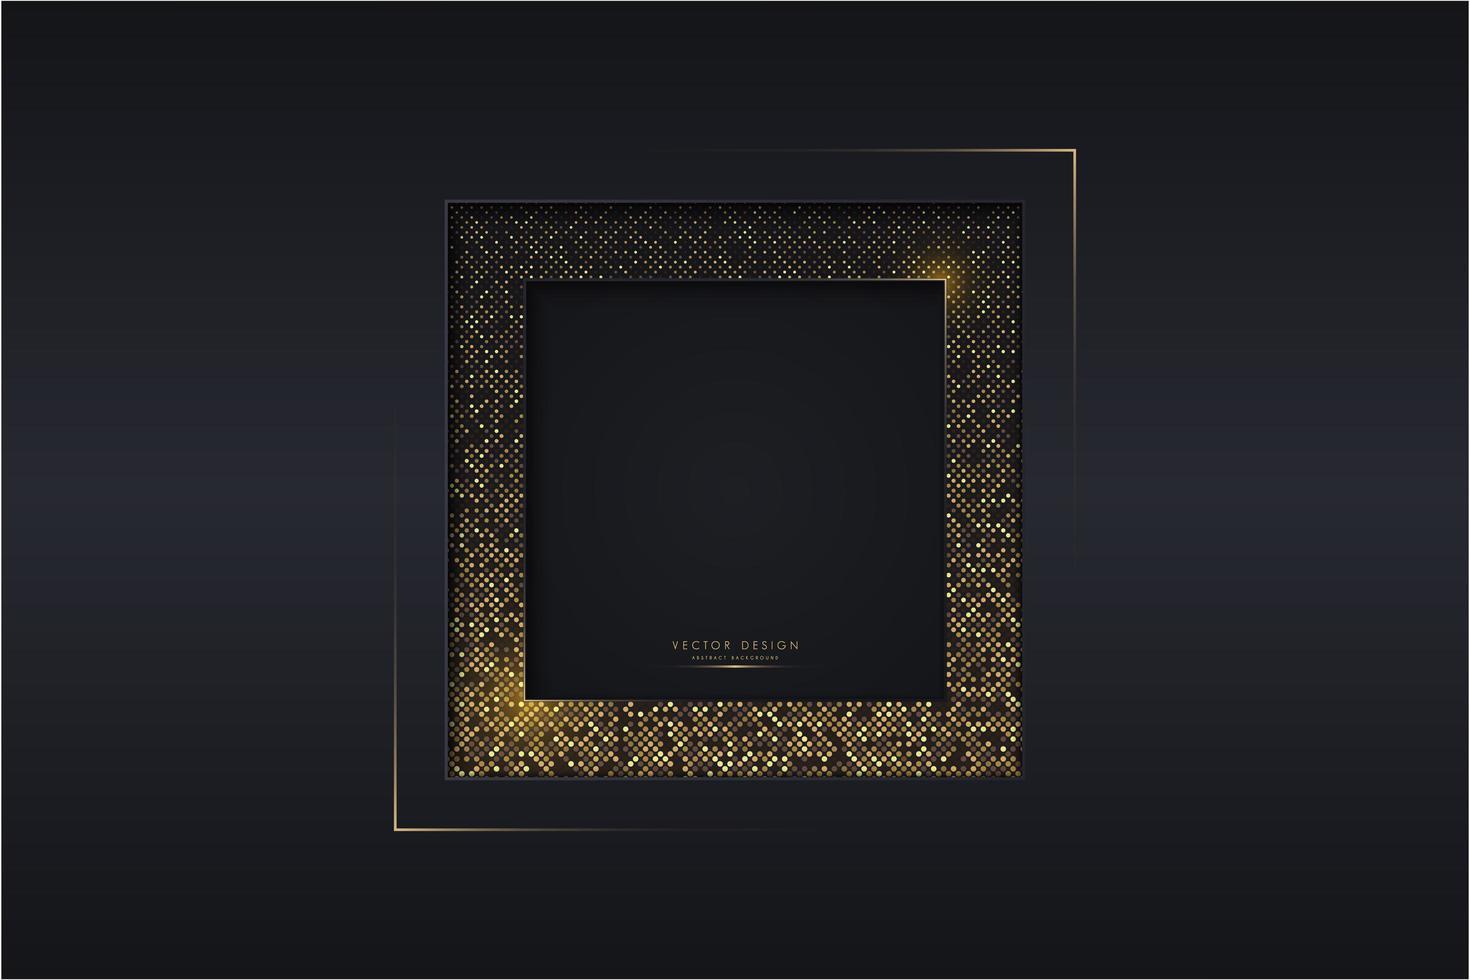 design metallico scuro con cornice di punti dorati luminosi vettore